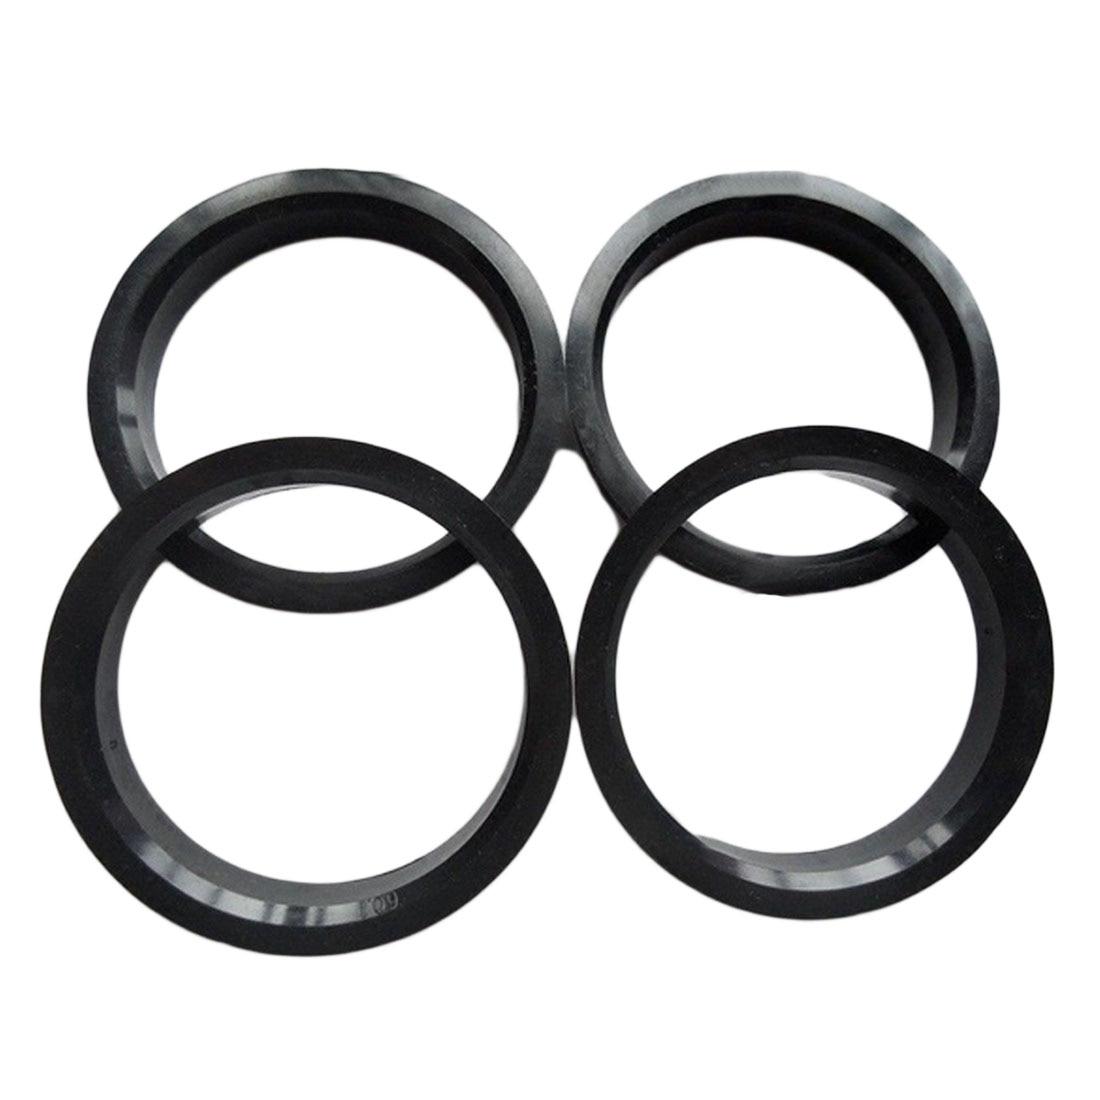 Dewtreetali Новое поступление 4 шт. концентратор Centric кольца колеса автомобиля отверстие центр воротник 66.6-57.1 мм для Audi VW Benz черный Пластик